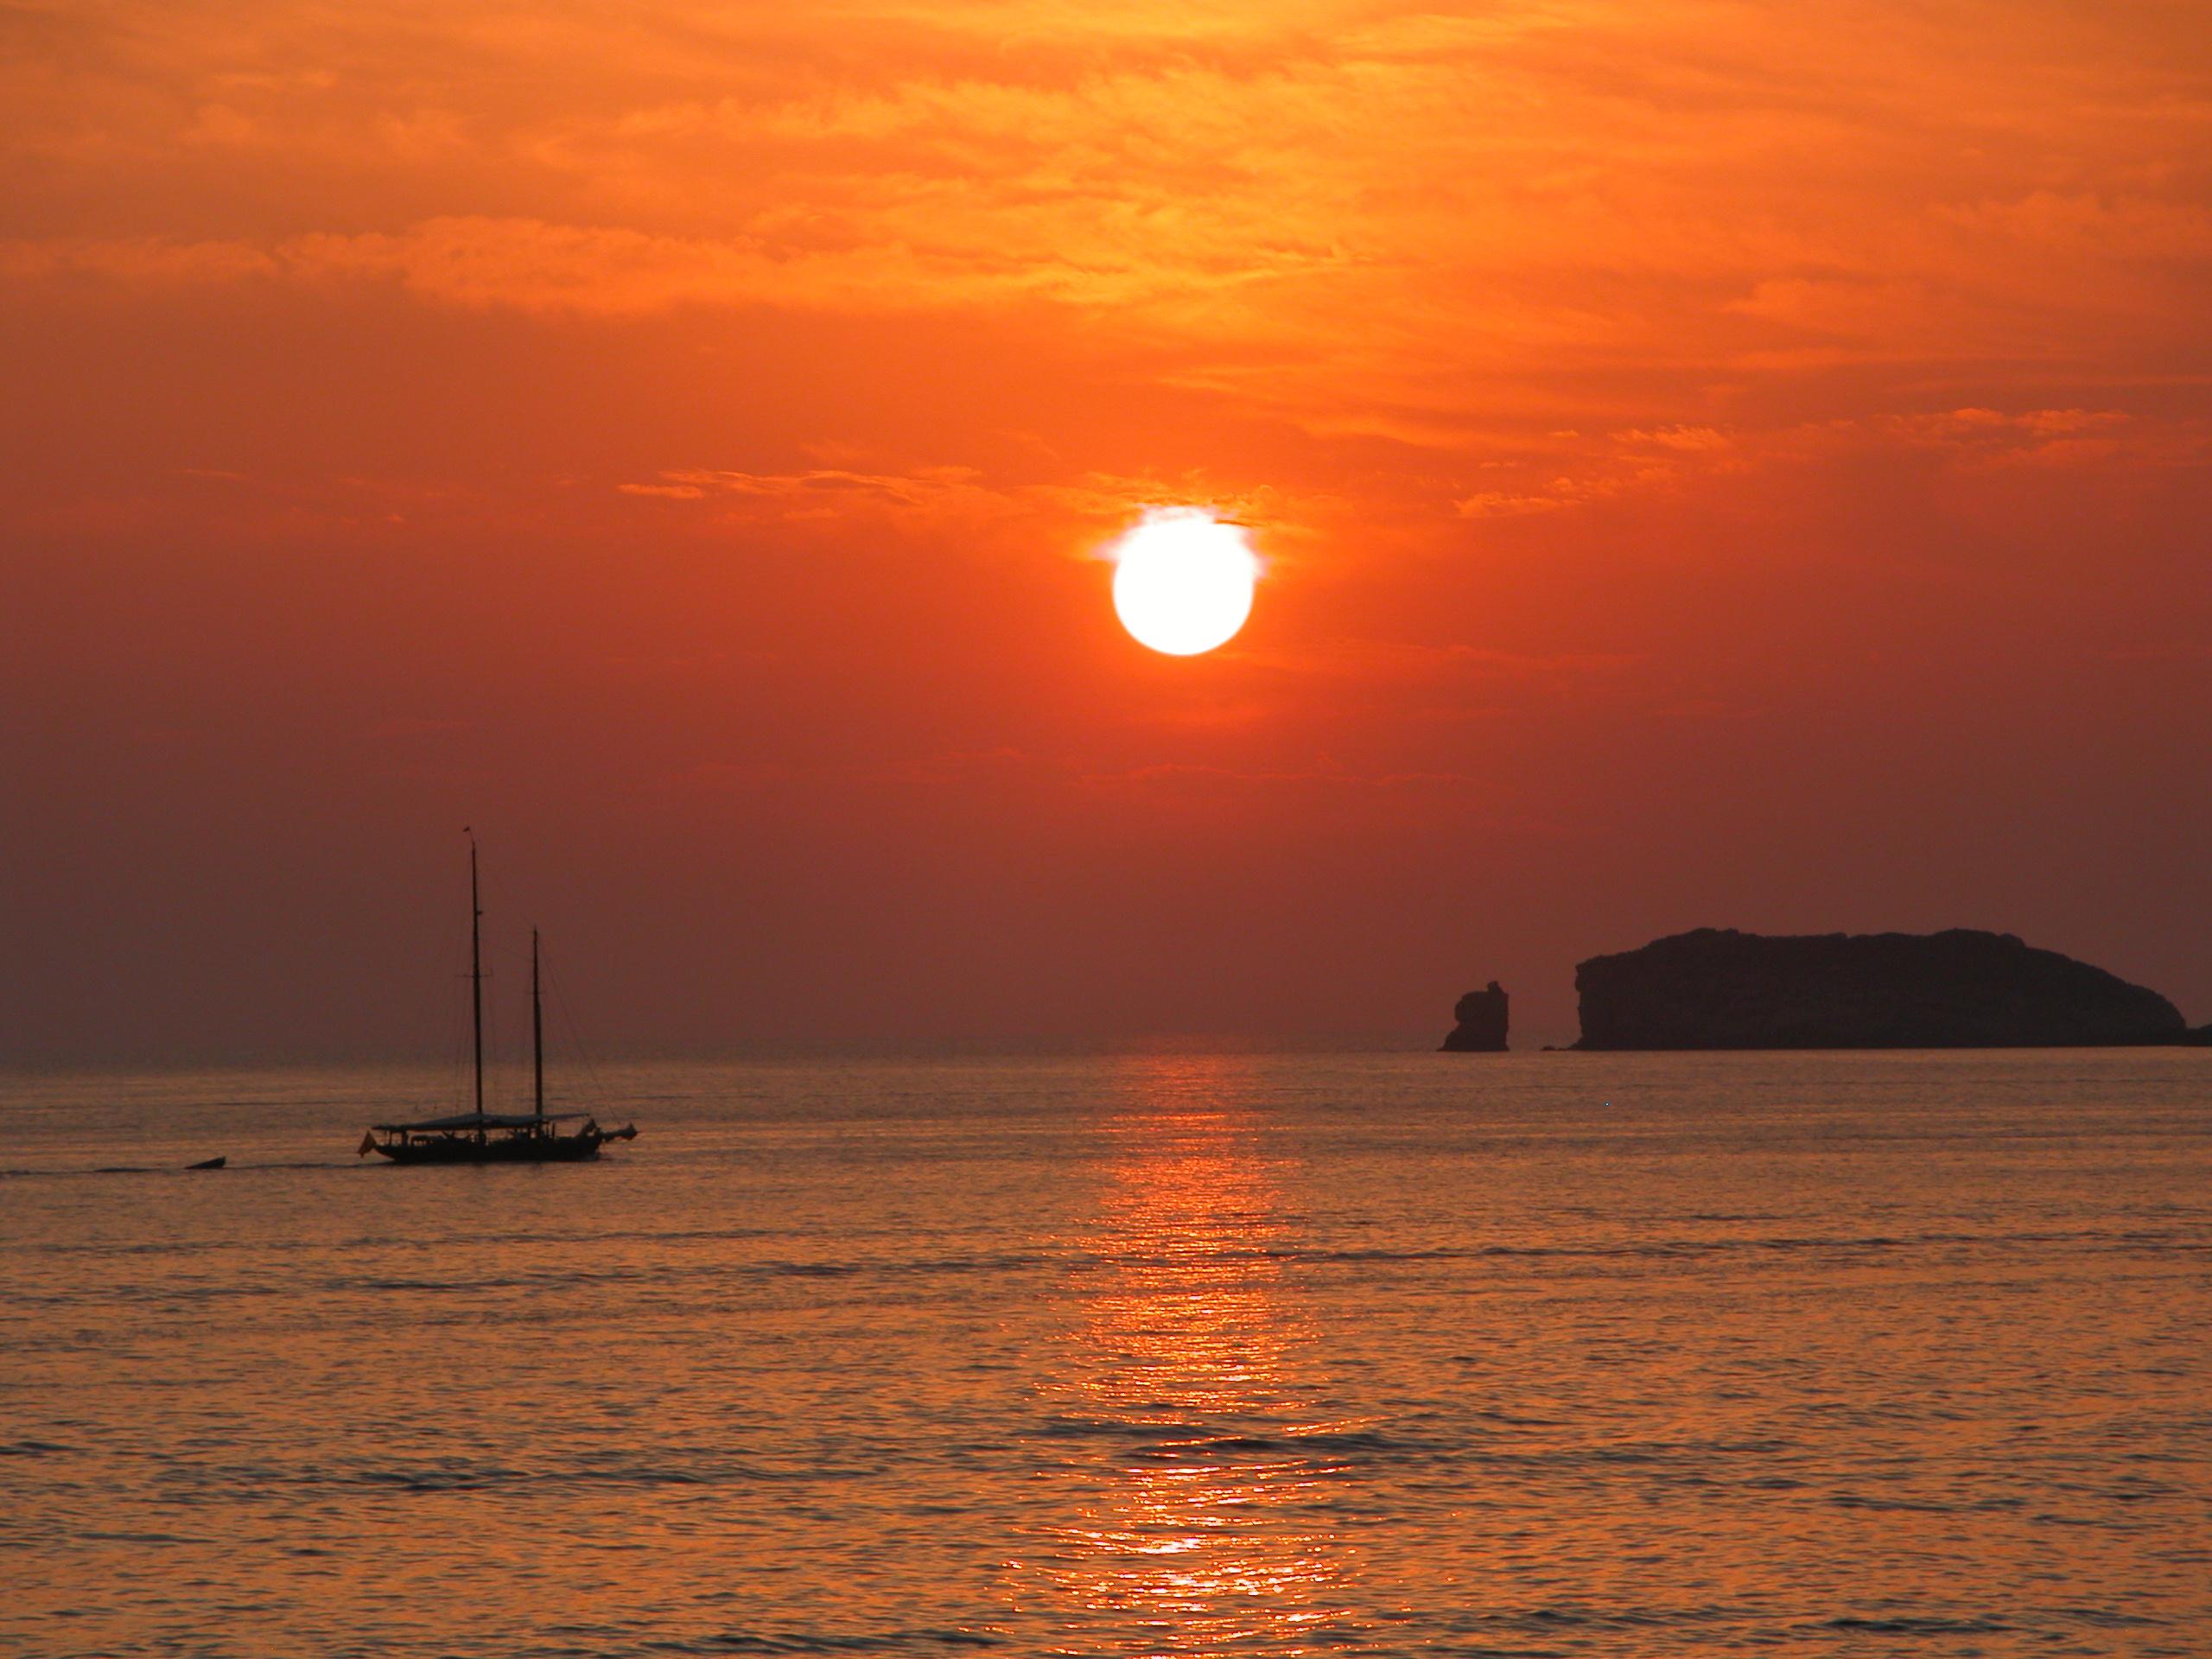 Von den Felsvorsprüngen rechts der Cala Tarida kann man Sonnenuntergänge besonders gut beobachten. (Foto: Markus Burgdorf)